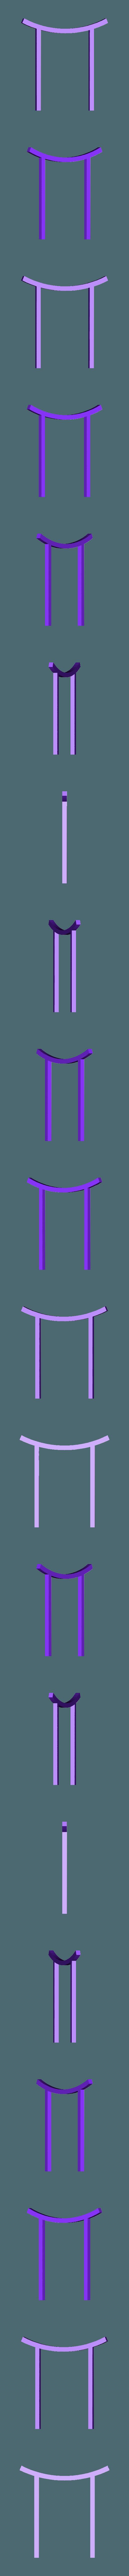 Riser.stl Download free STL file Creality Ender 3 (v-slot) Rag Holder • 3D printer object, greaseandmetal